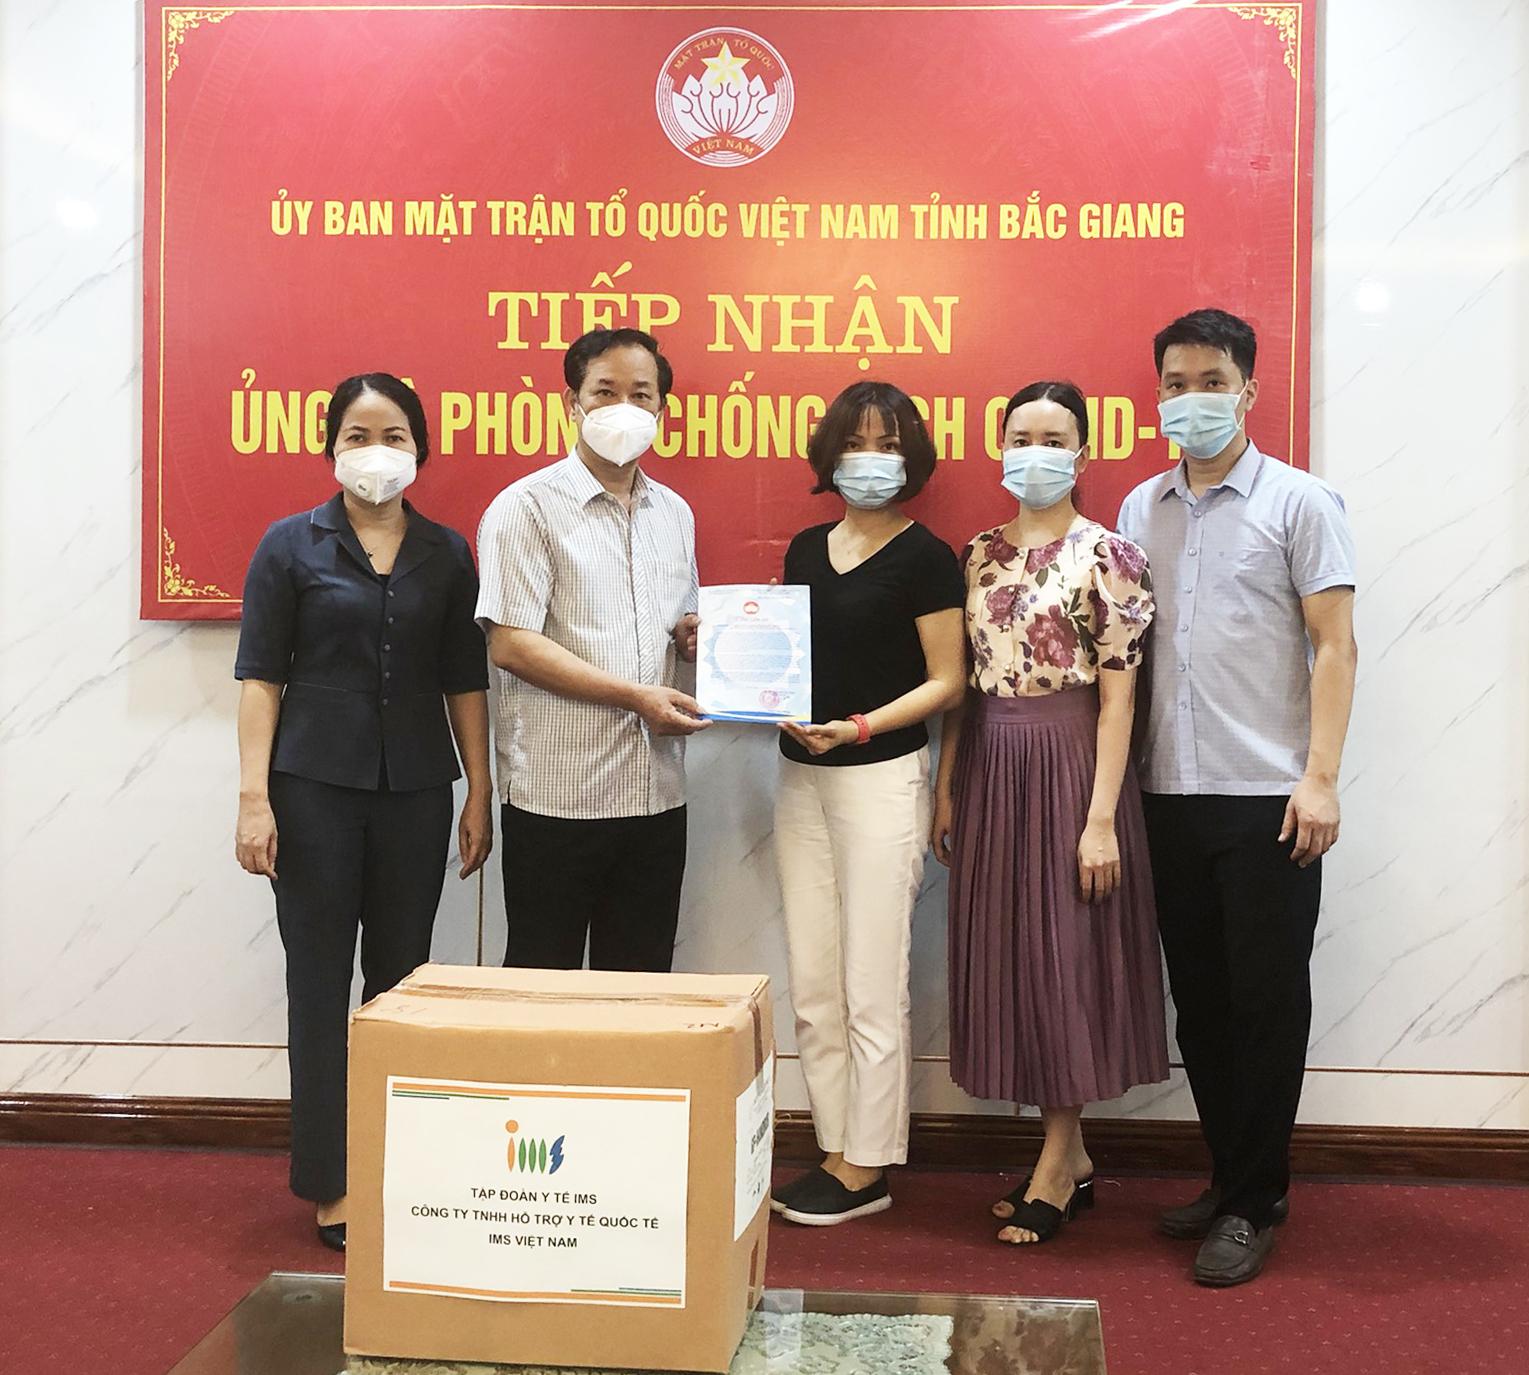 Tập đoàn y tế IMS chung tay hỗ trợ Bắc Giang chống dịch